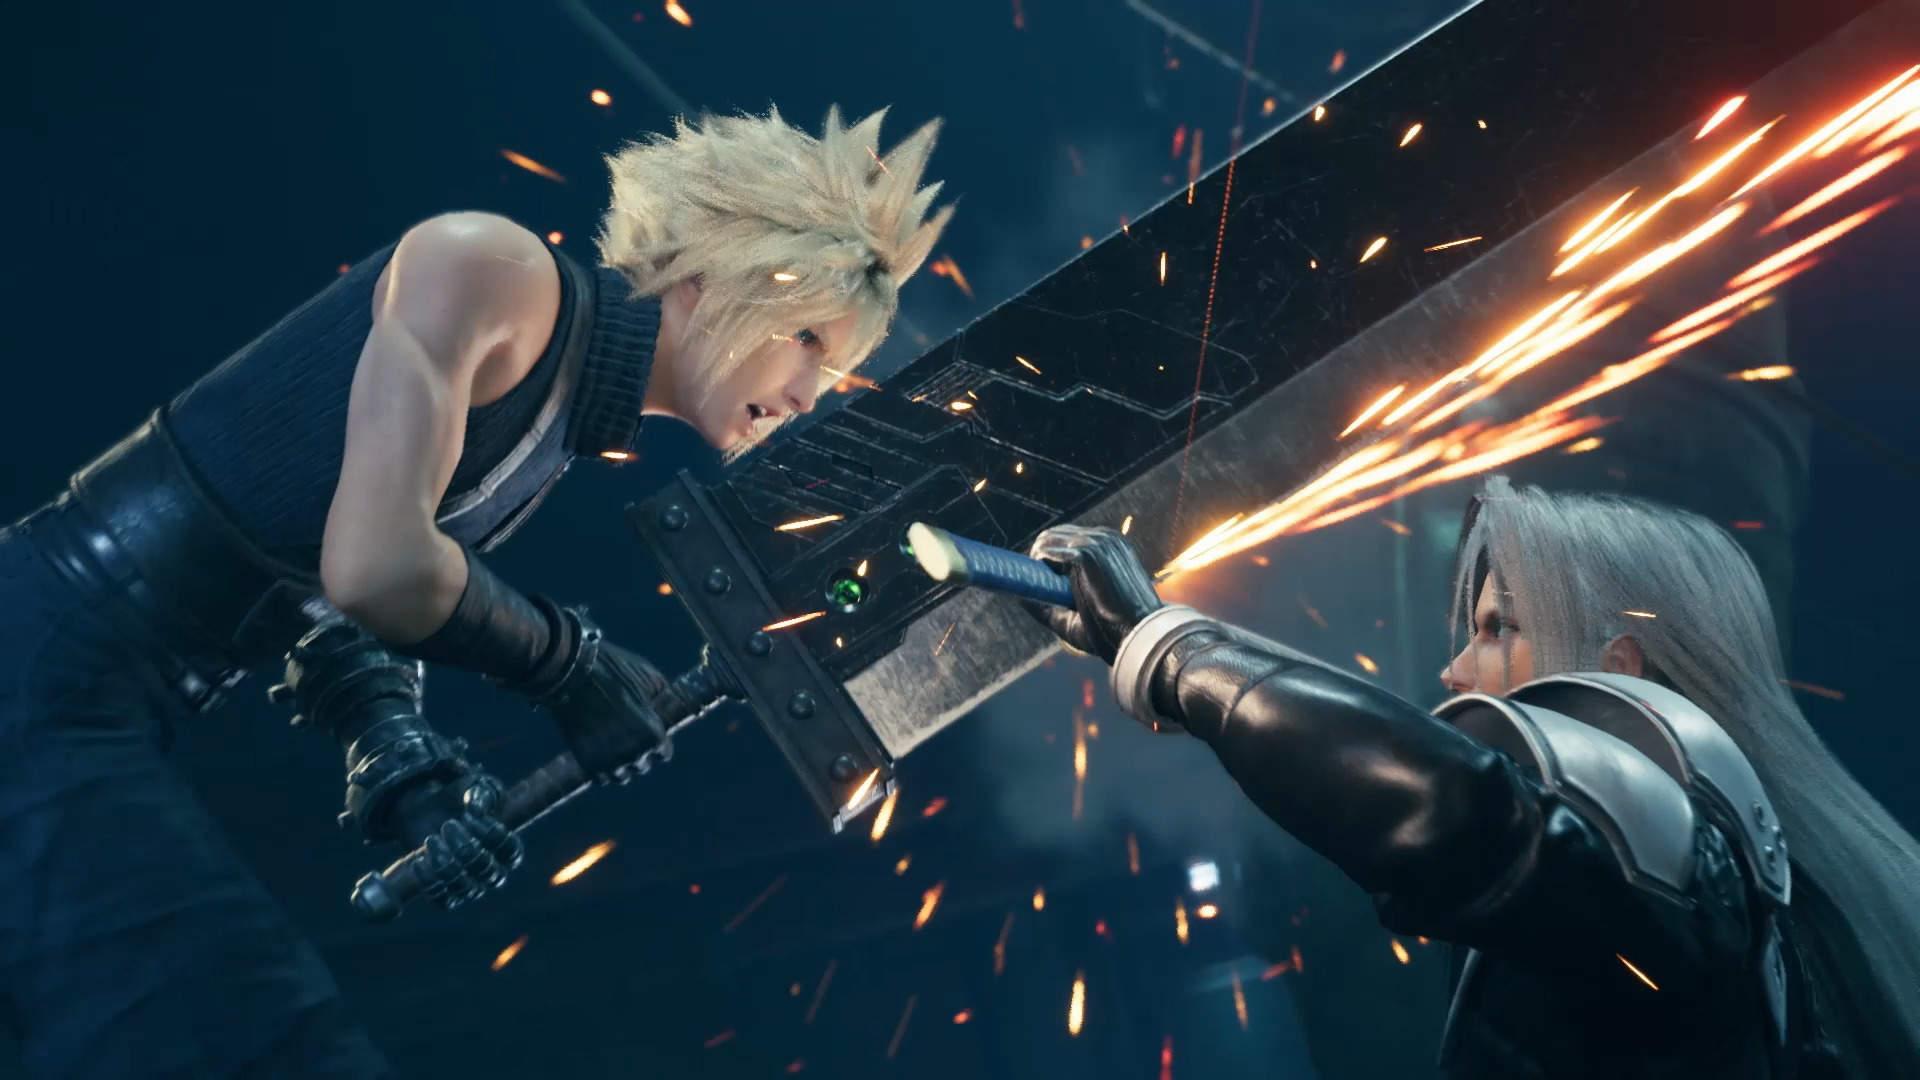 英国4月游戏销量榜:《最终幻想7重制版》第1 不及FF15